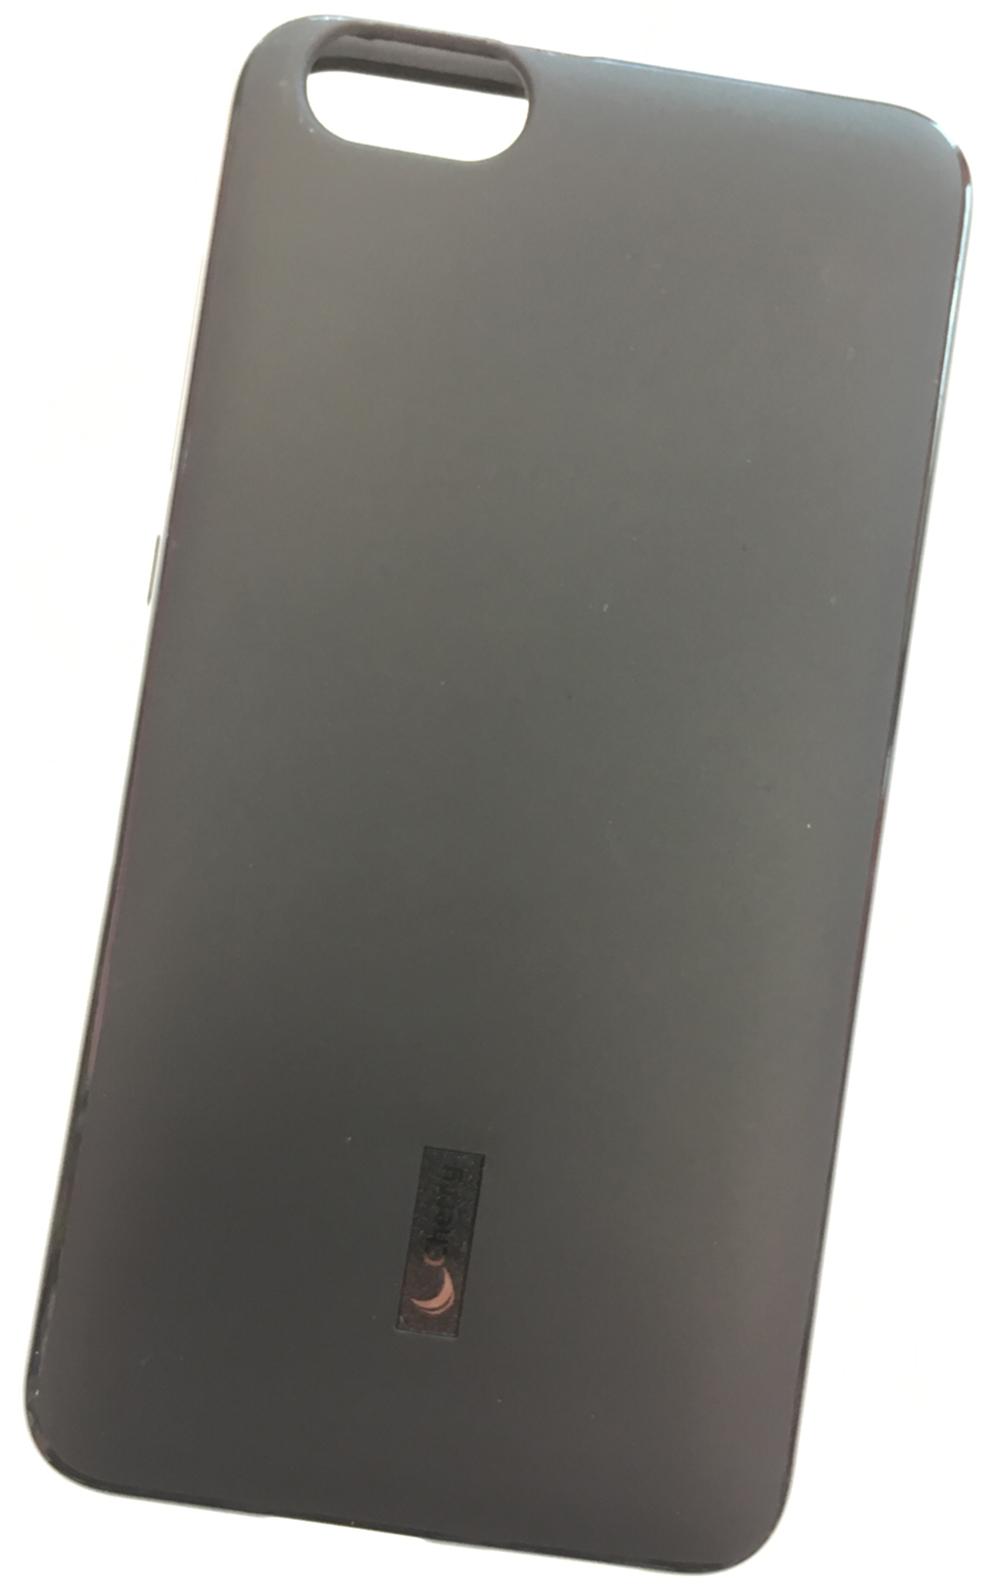 Чехол для сотового телефона Cherry Huawei Honor 4X Накладка резиновая с пленкой на экран, черный аксессуар чехол накладка huawei ascend g620 cherry white 8283